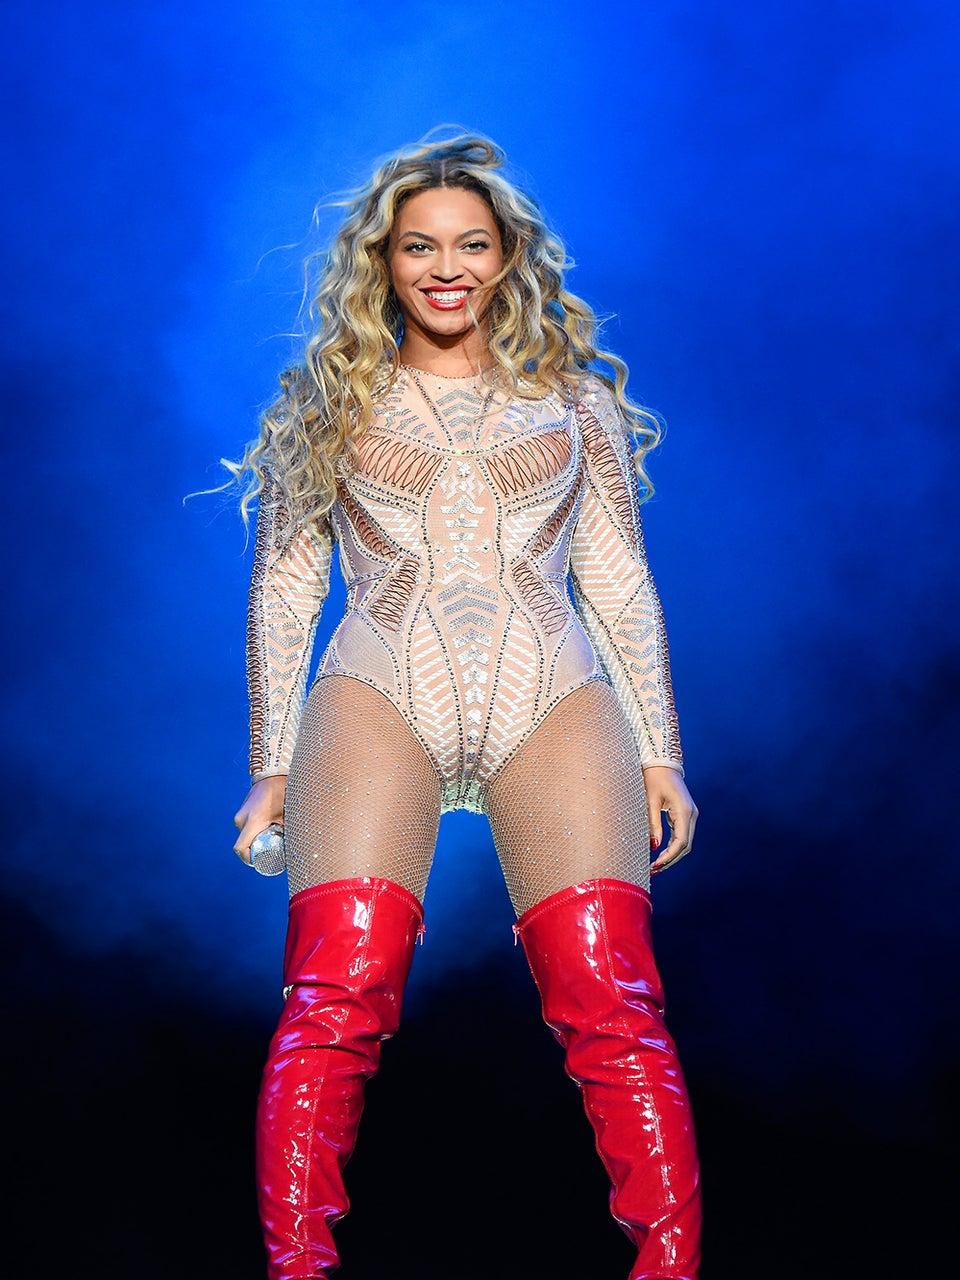 Beyoncé Helps Raise Over $82,000 For Flint Victims